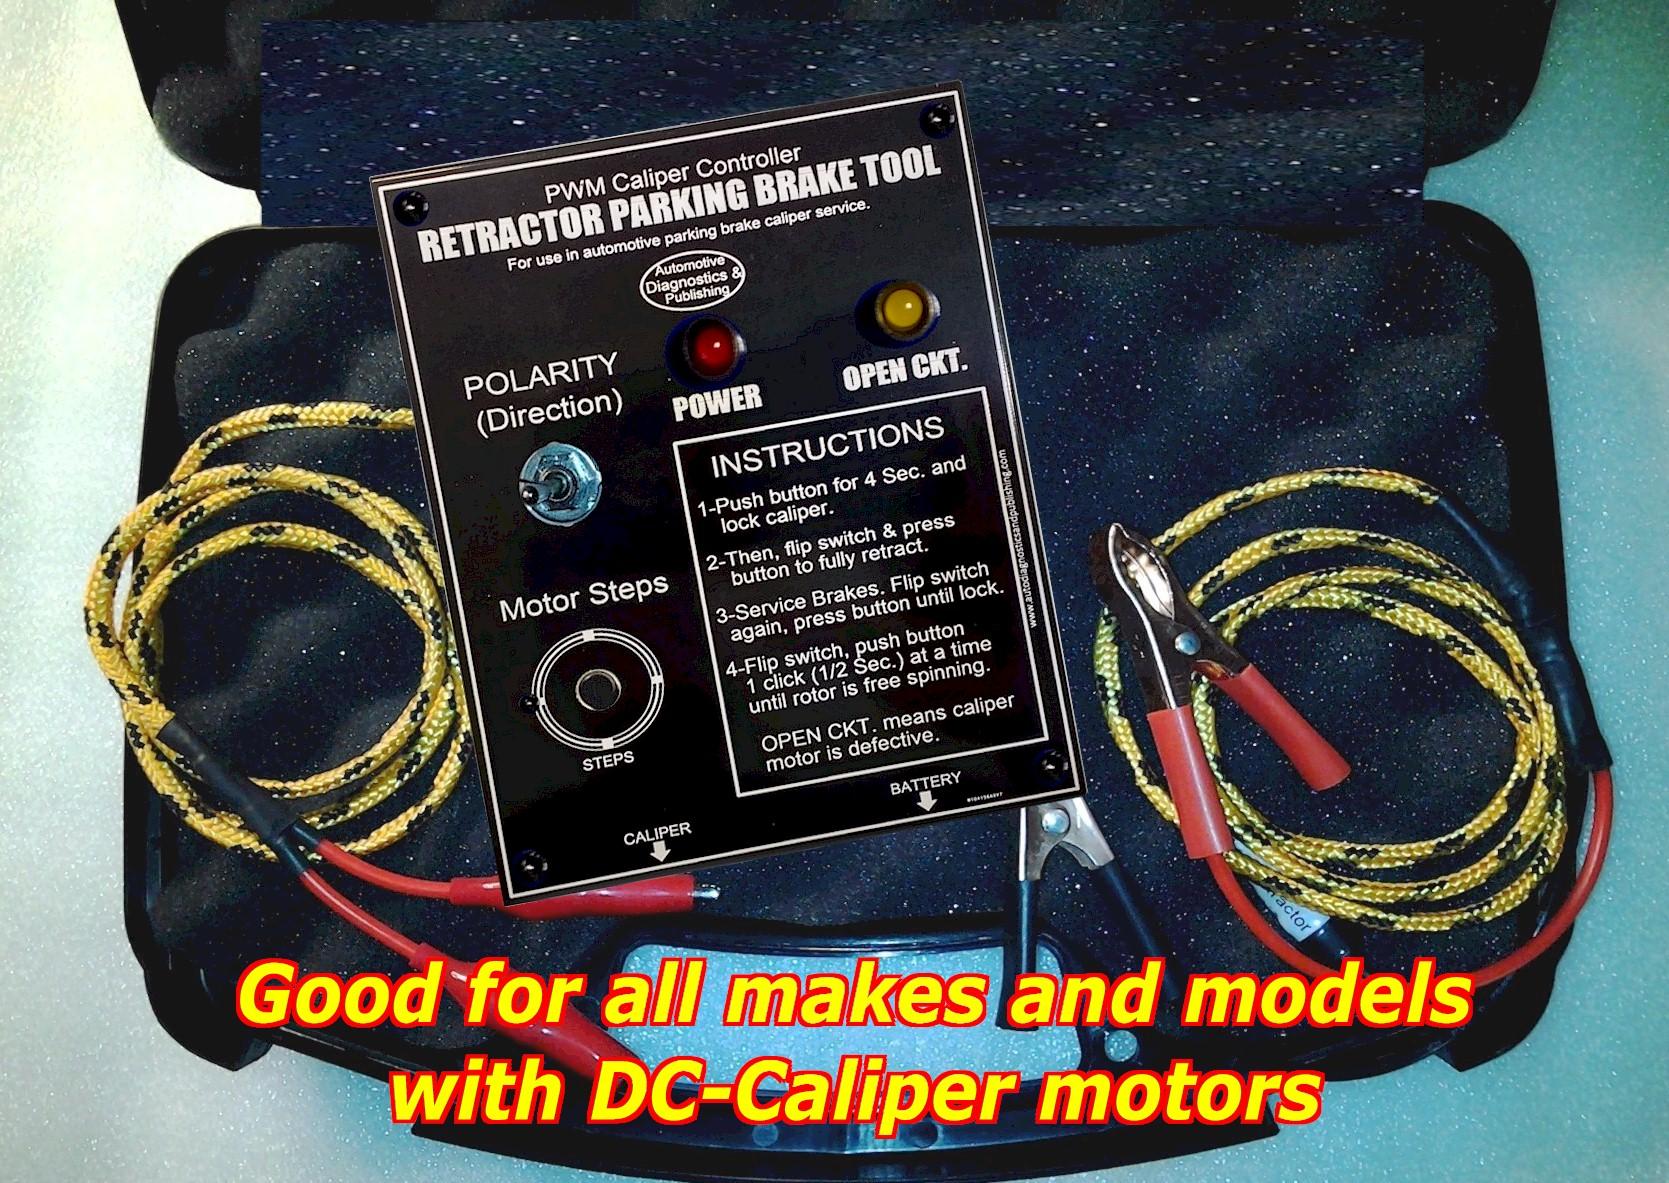 electronic parking brake tool 1